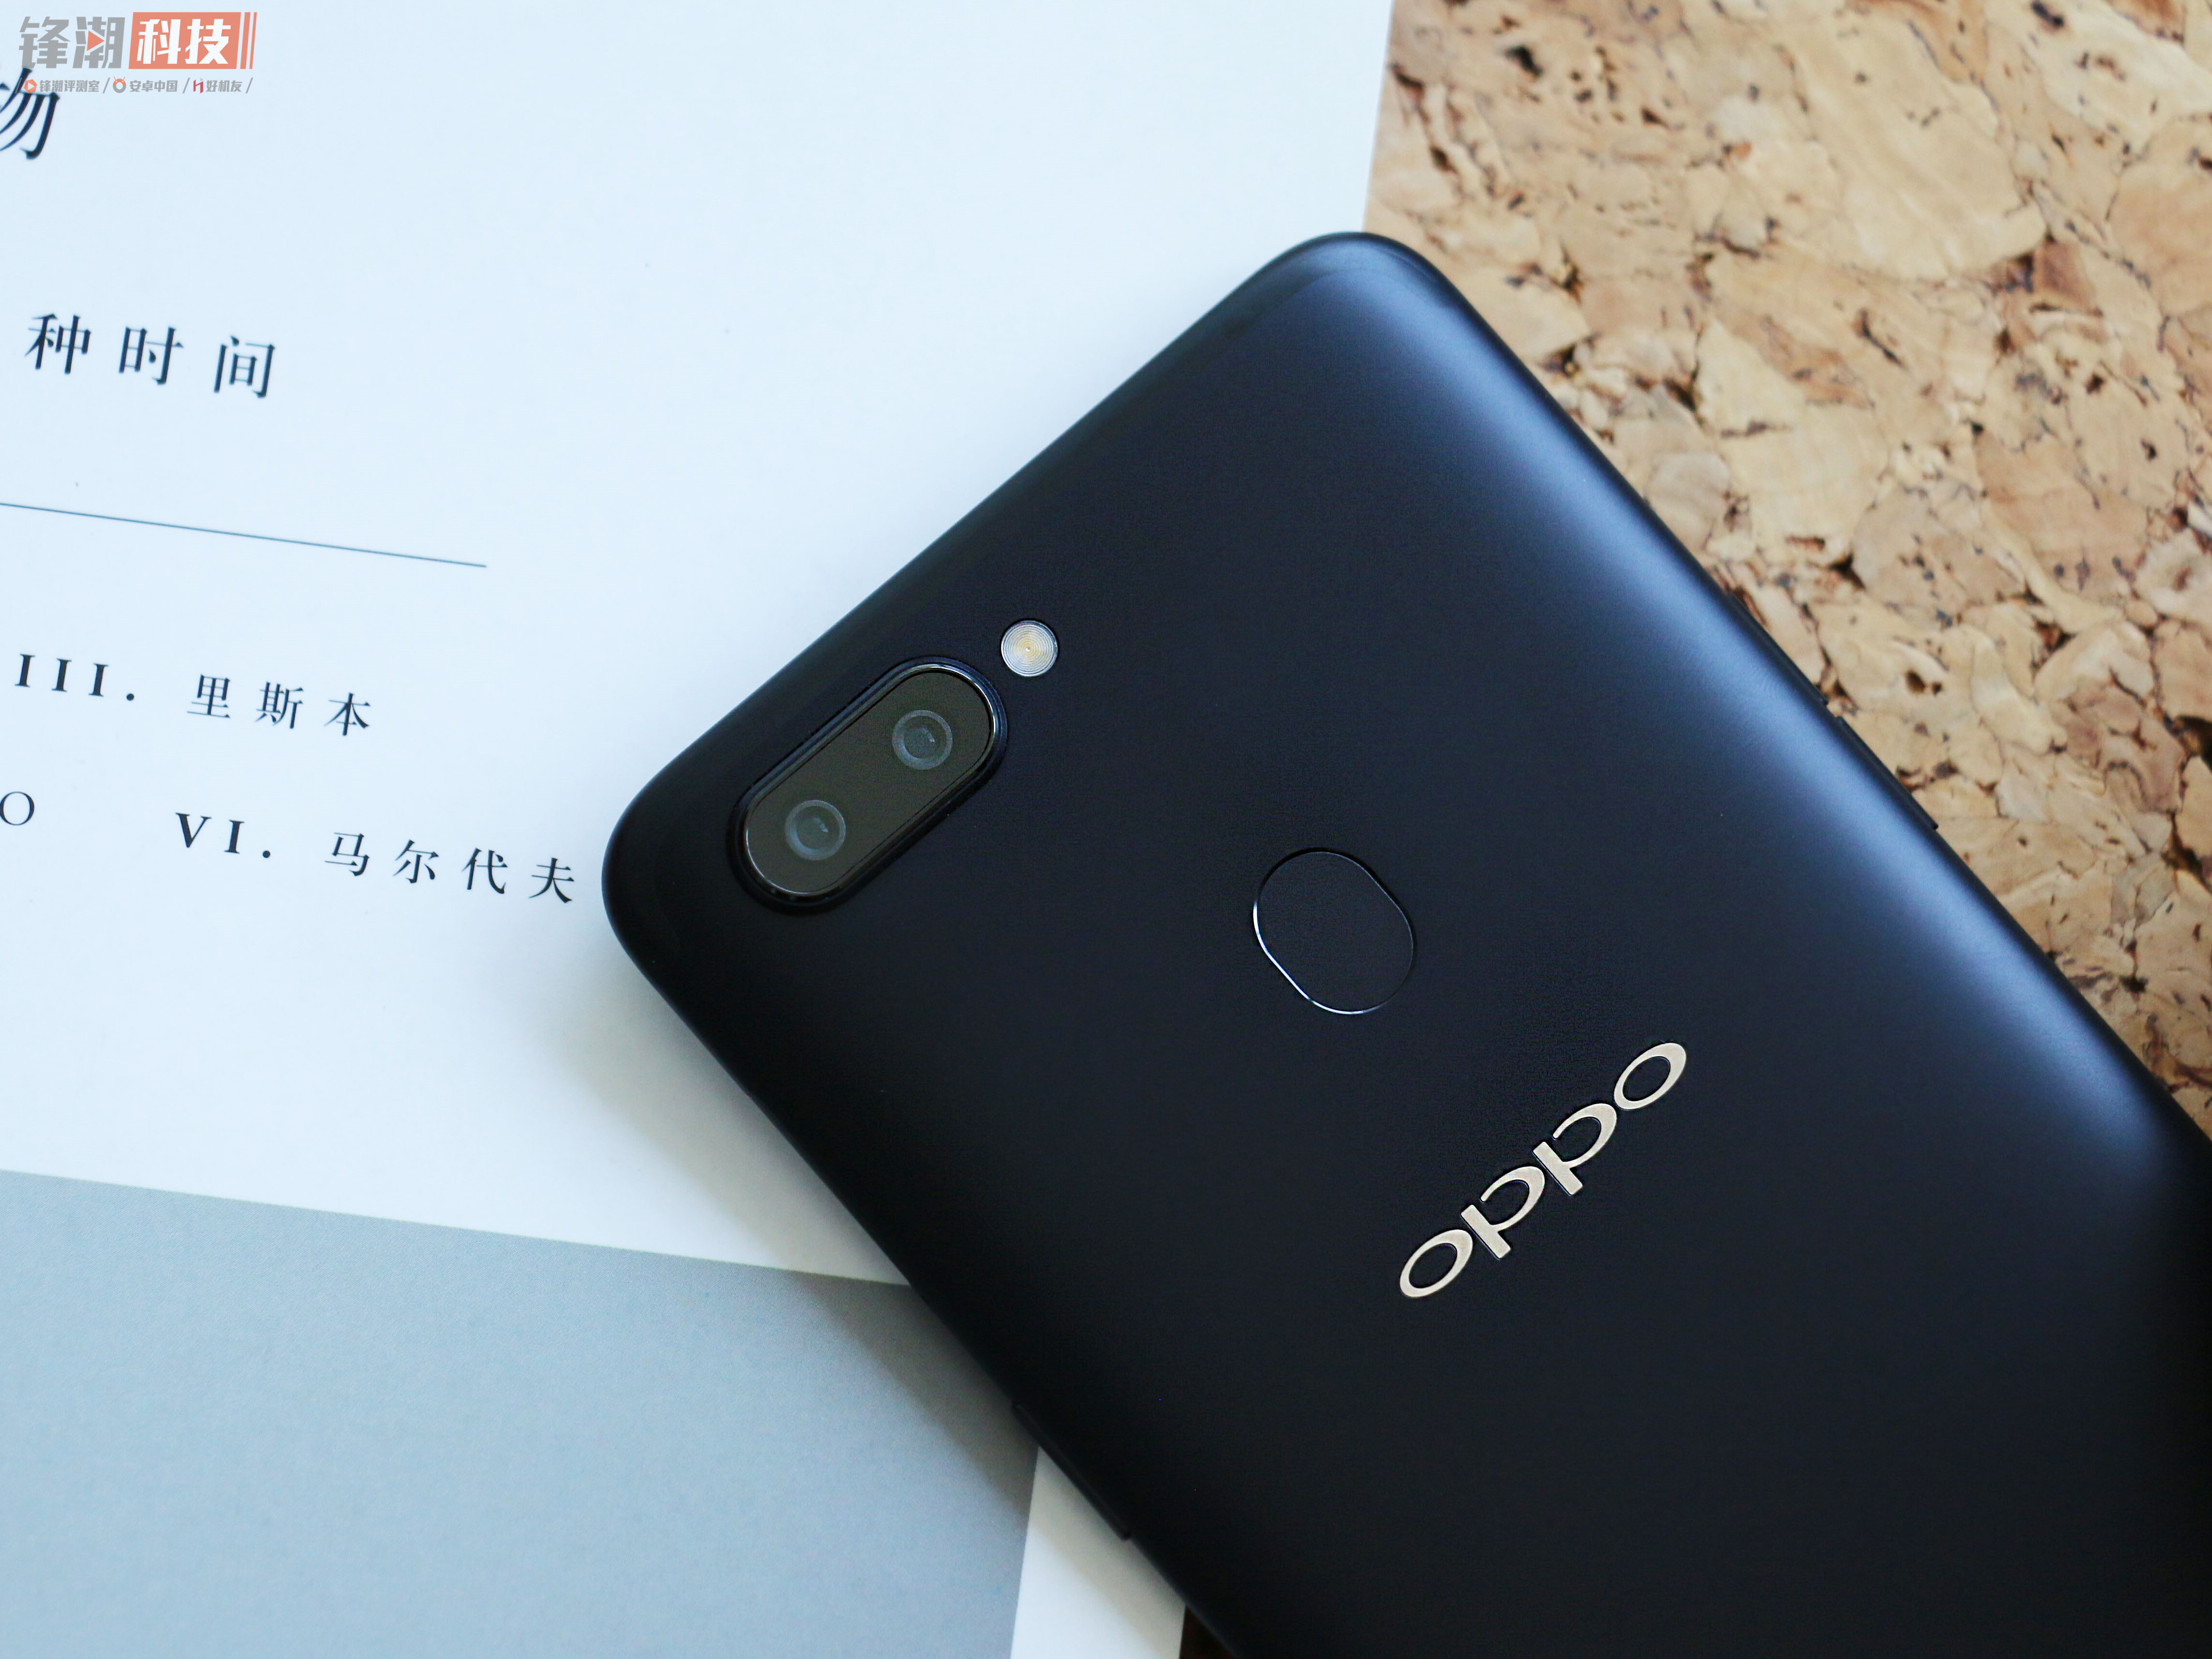 """【力皮西】突破不仅仅""""s""""这么简单:OPPO R11s 真机图赏"""